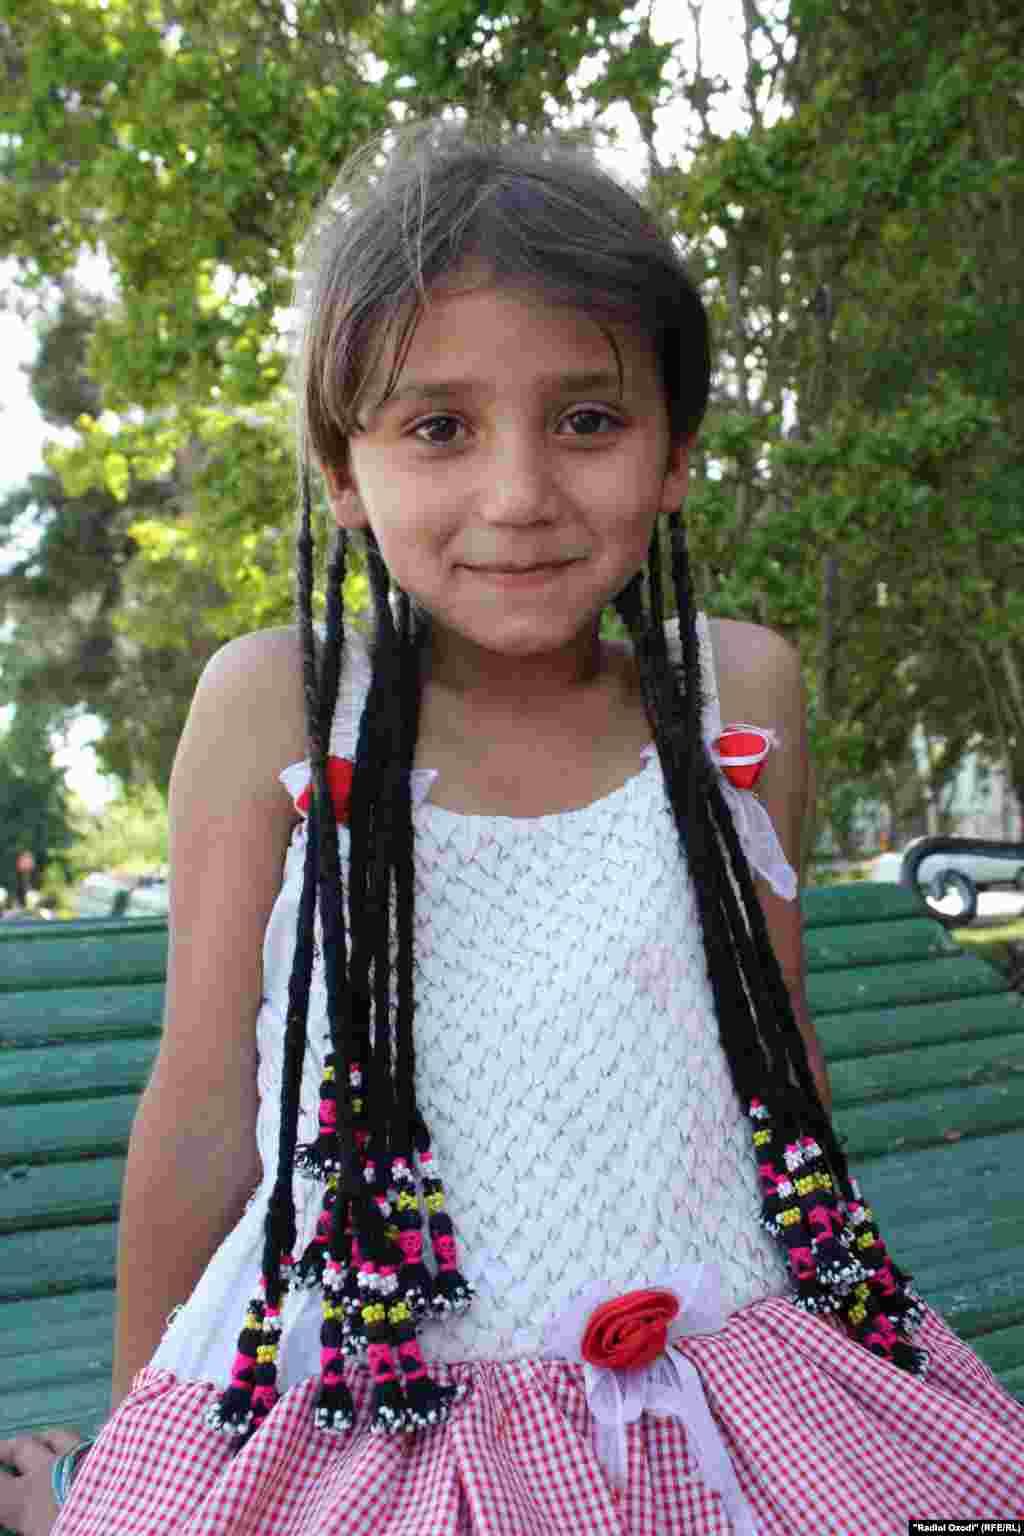 Шестилетняя жительница Душанбе Жасмина хочет, чтобы ее папа, который уехал на заработки в Россию, поскорее вернулся домой. Девочка мечтает стать врачом.